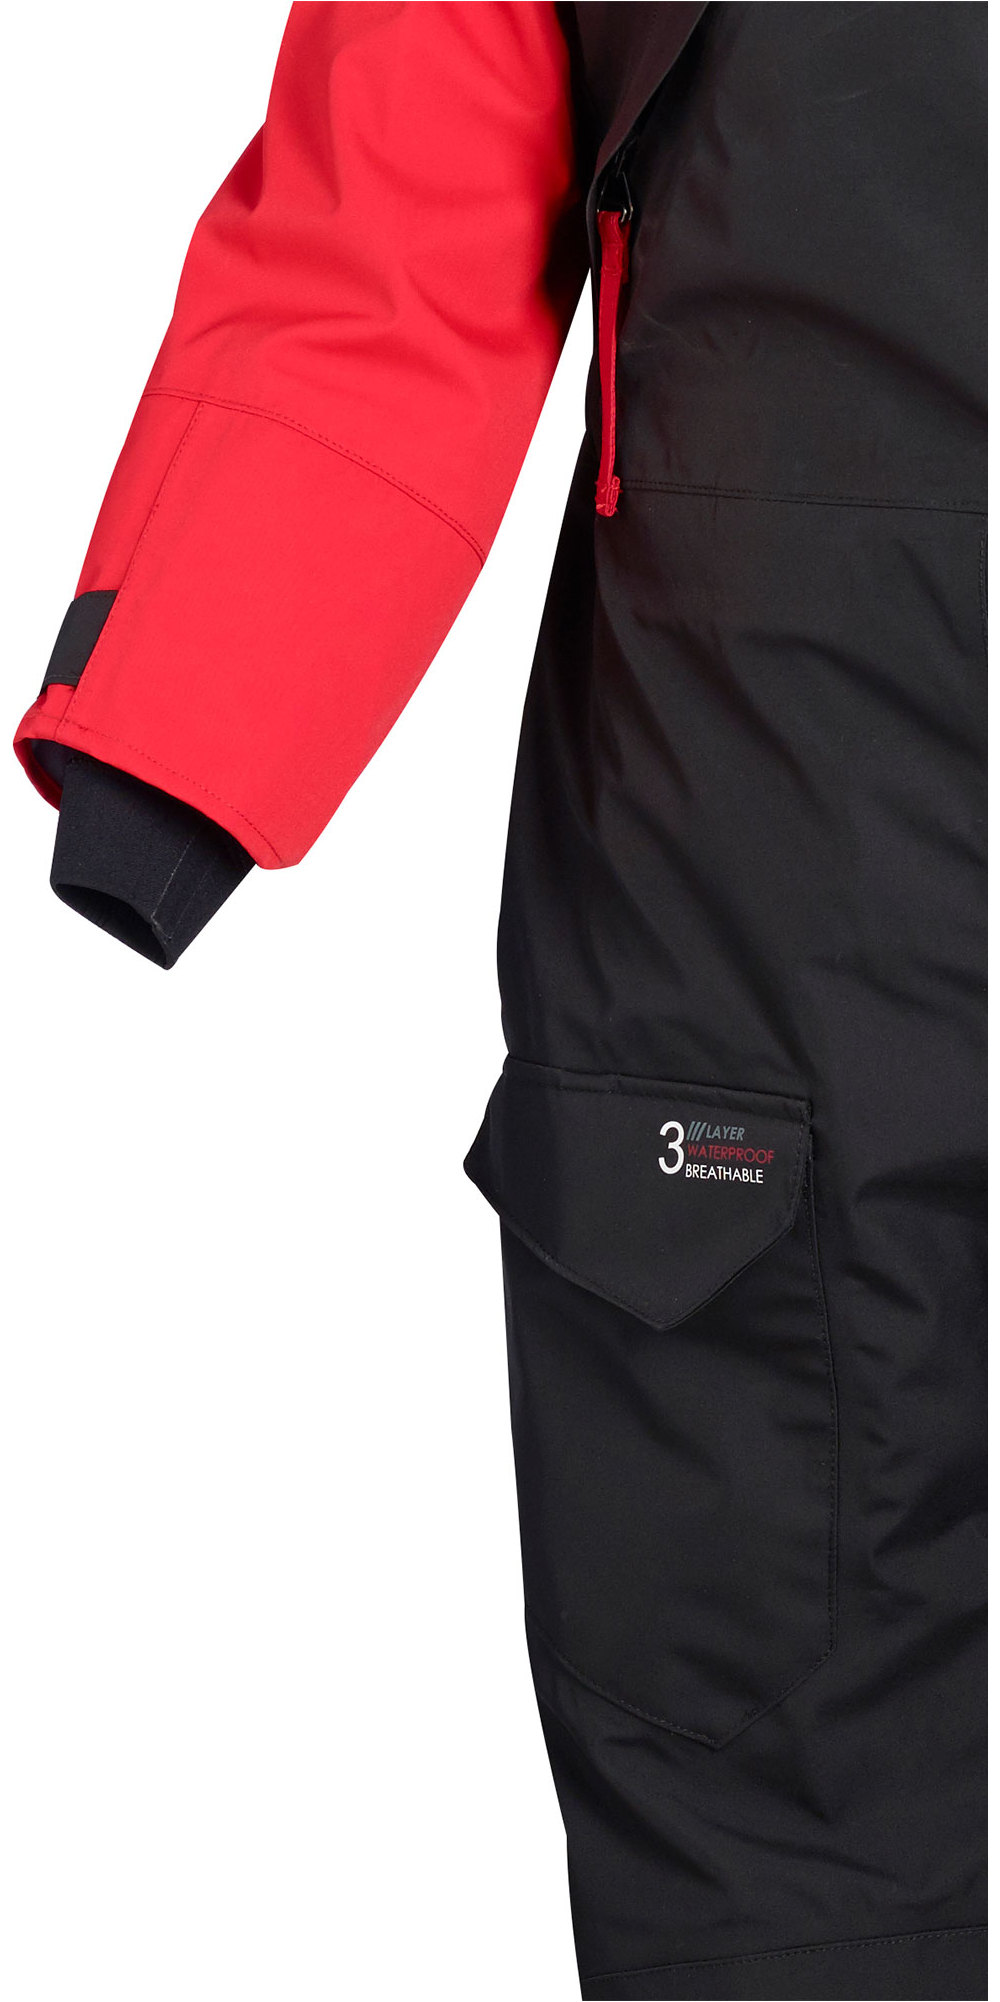 Crewsaver Drysuit Sport Atacama 2019 Crewsaver Y Compris Sous-vêtement Rouge / Noir 6555